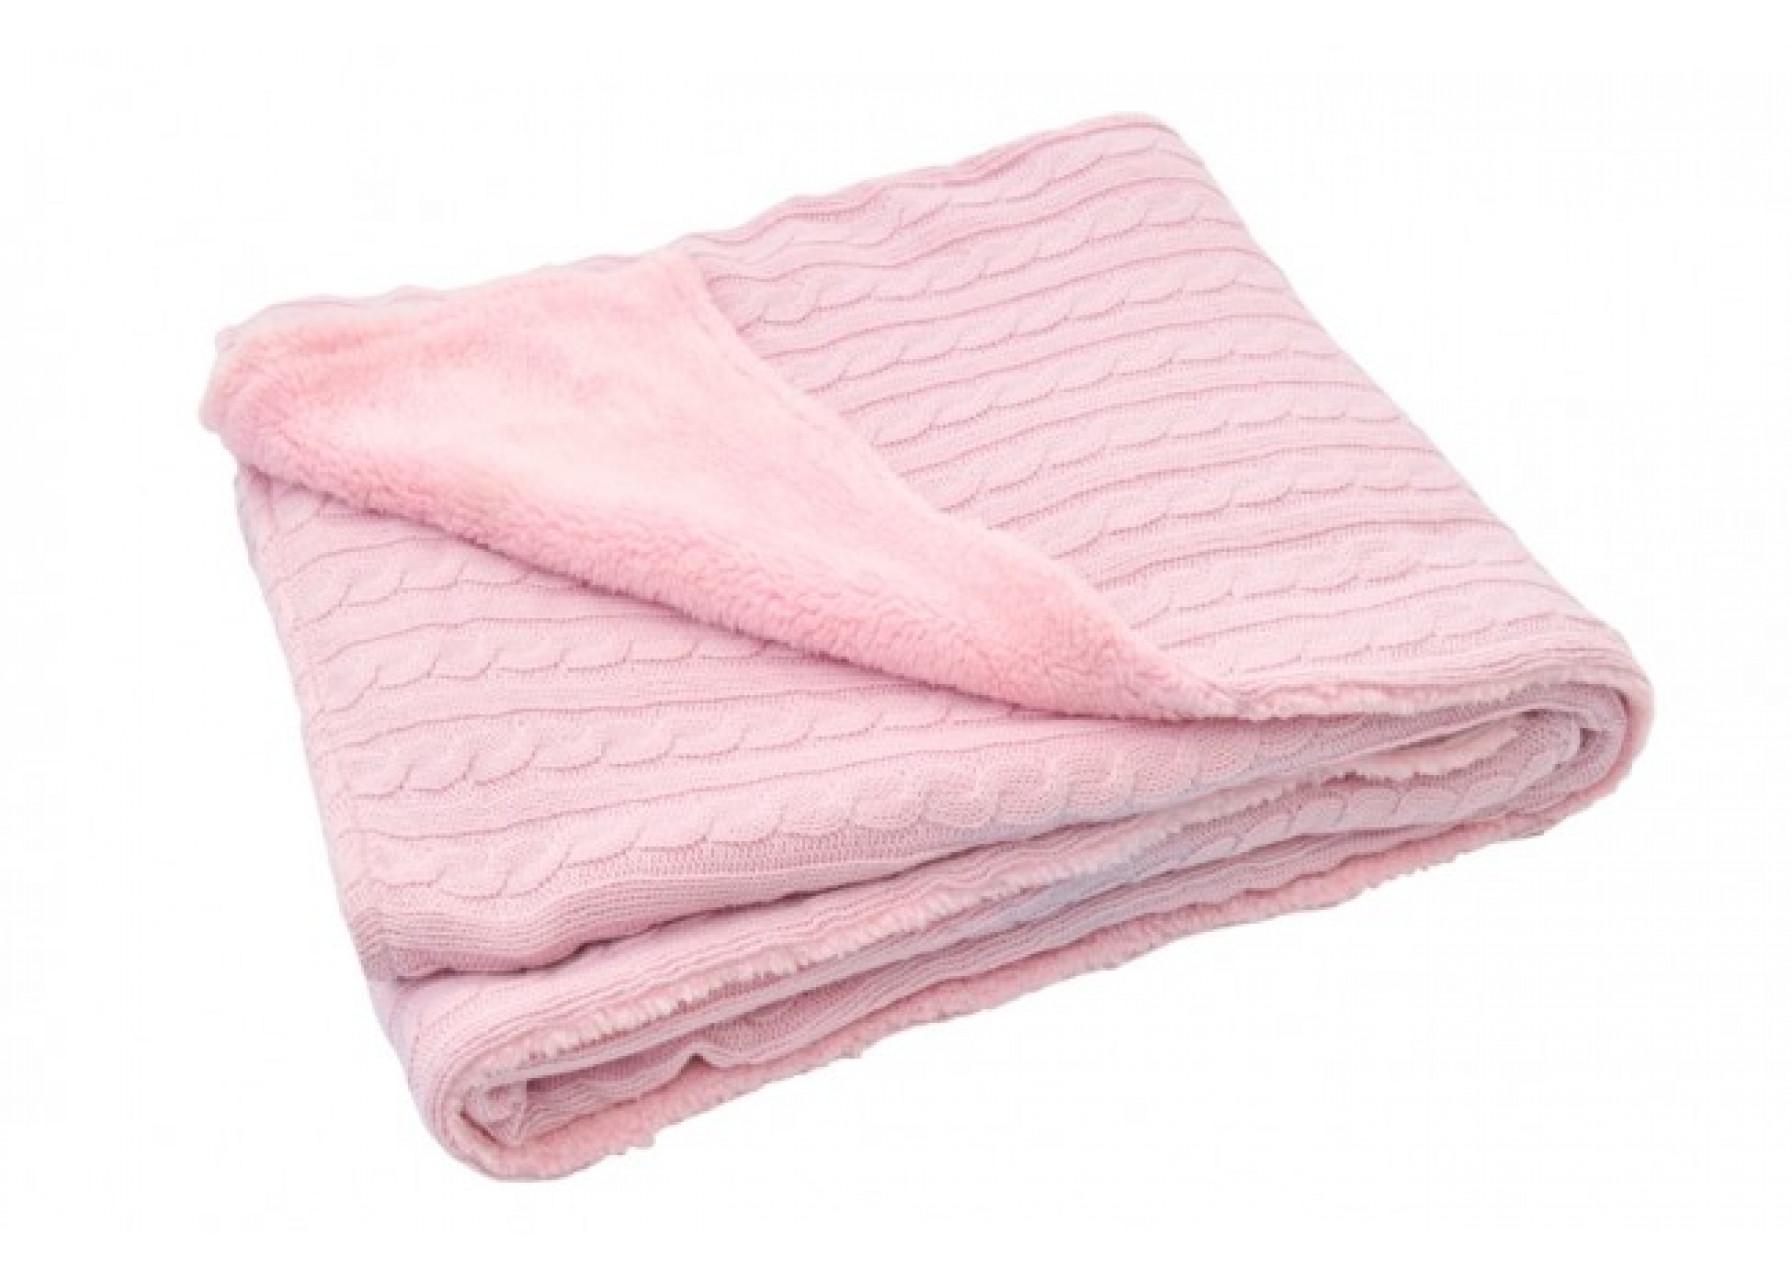 Πλεκτή κουβέρτα / Ροζ γουνάκι